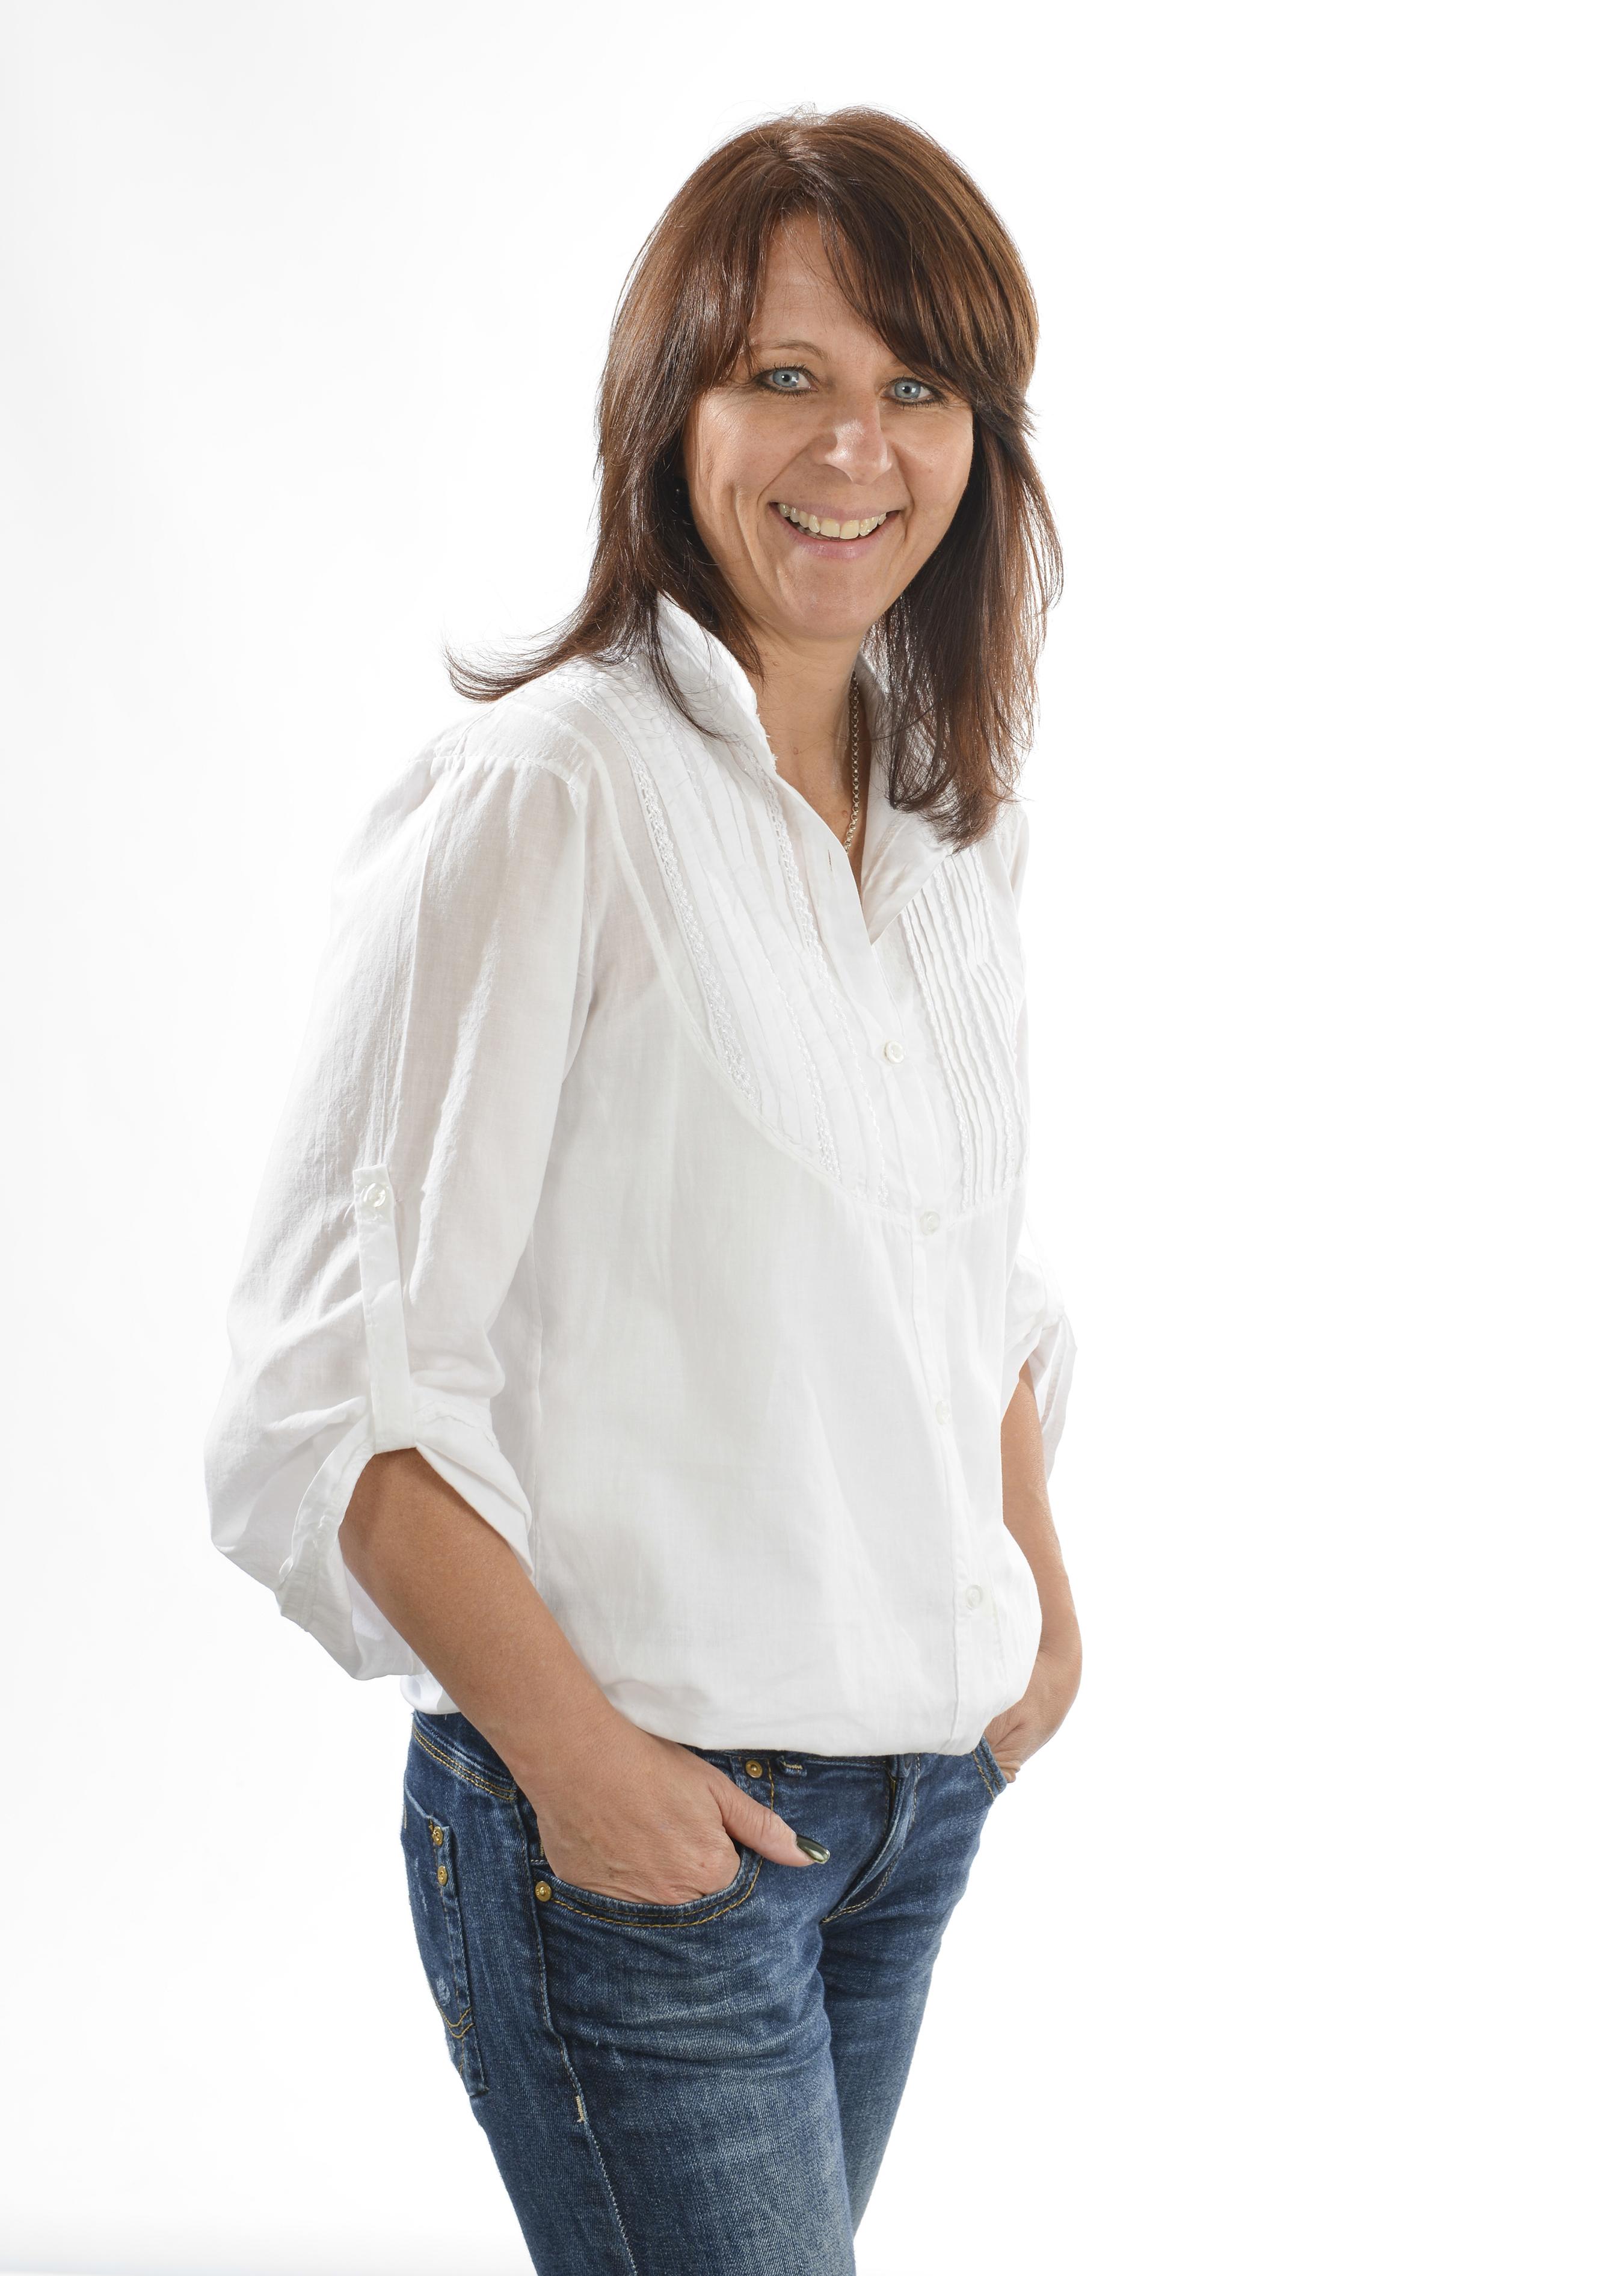 Jeannette Eck